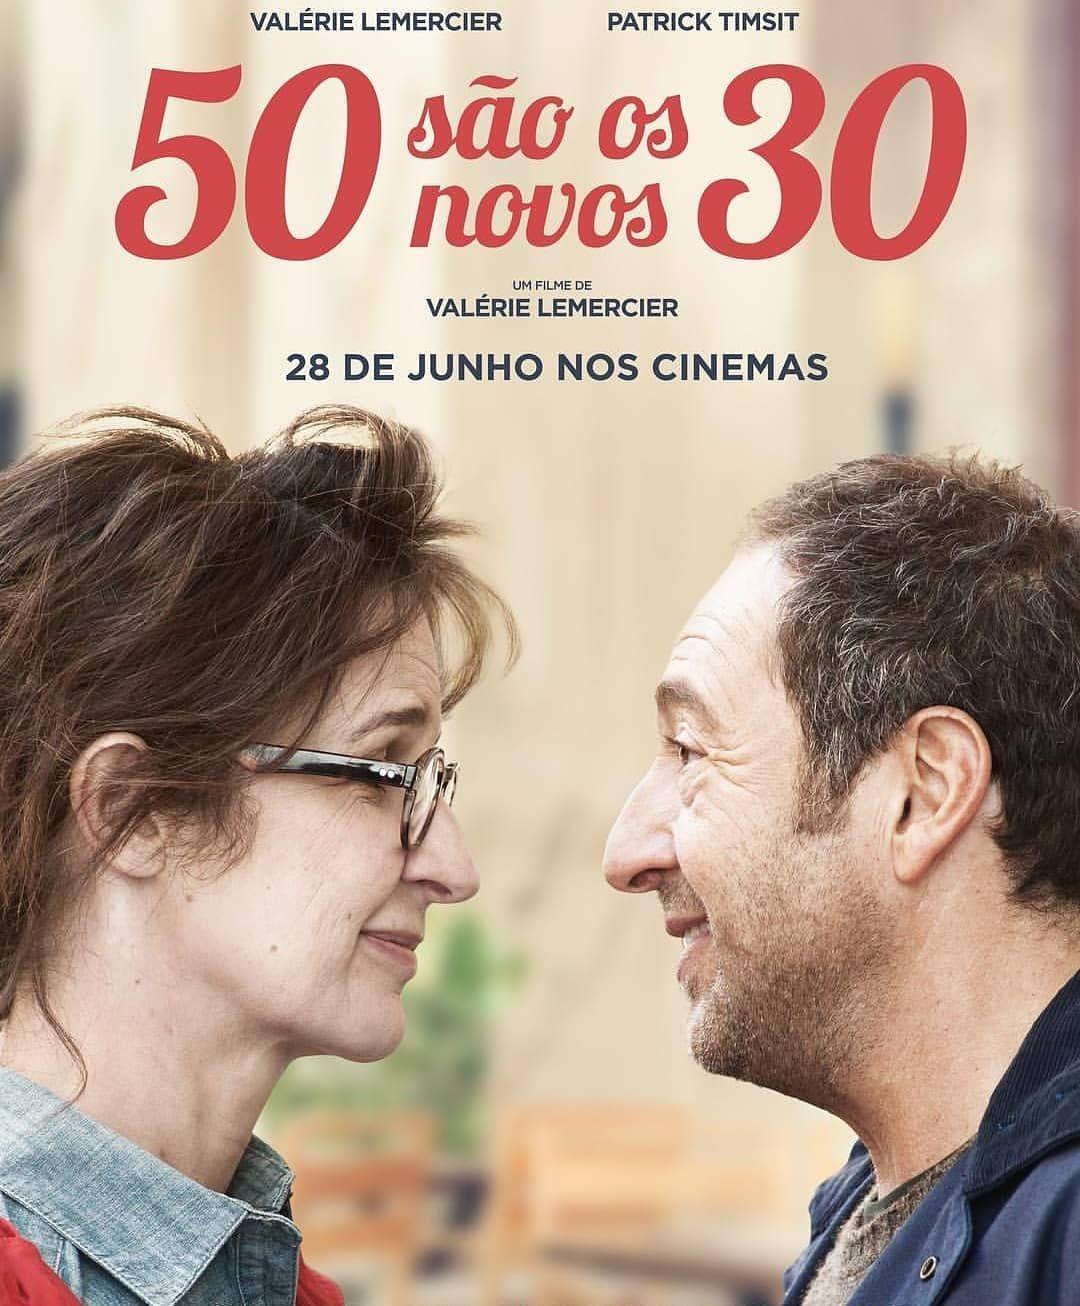 Eu Adoro Uma Comedia Francesa Assim Que Vi O Trailer De 50 Sao